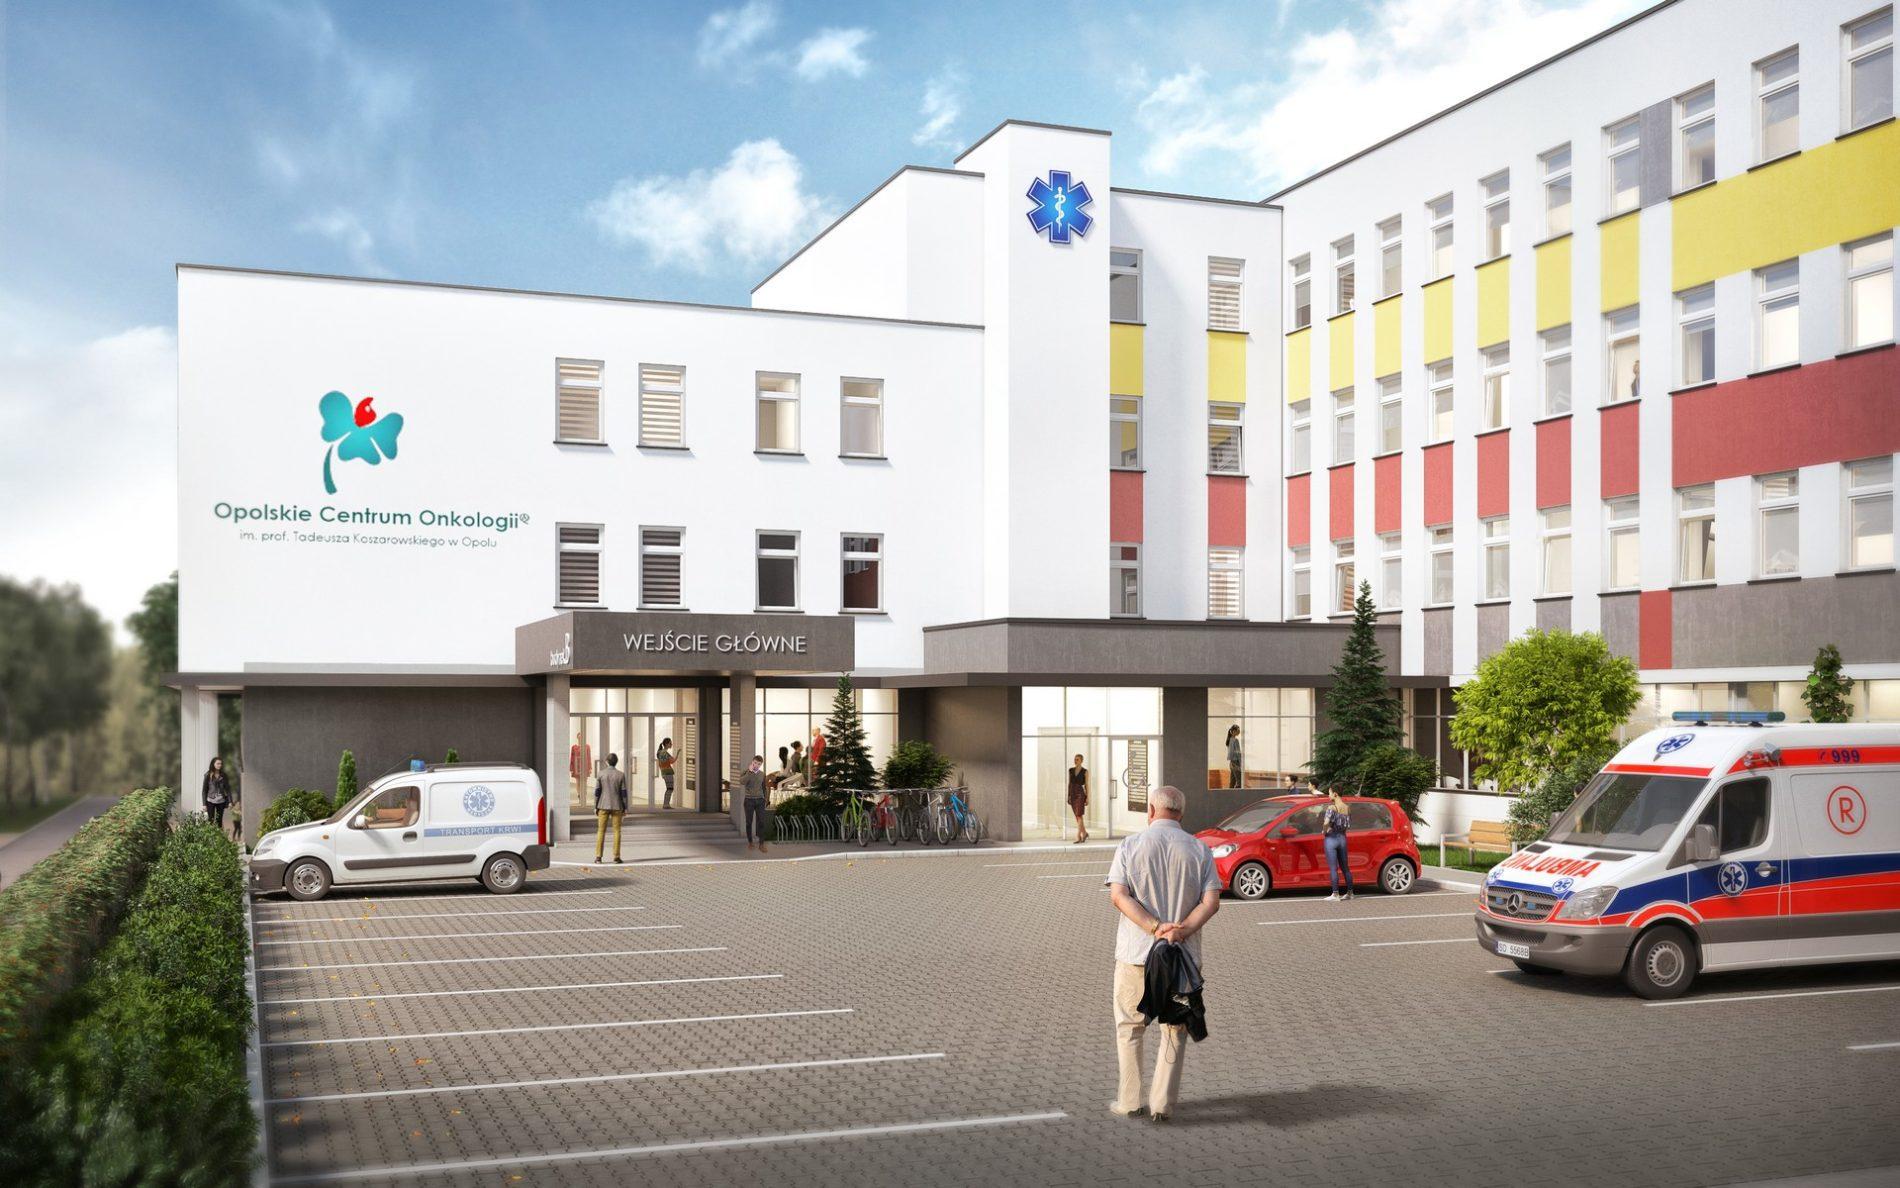 wizualizacja 3d rozbudowy budynku szpitala miejskiego w Opolu